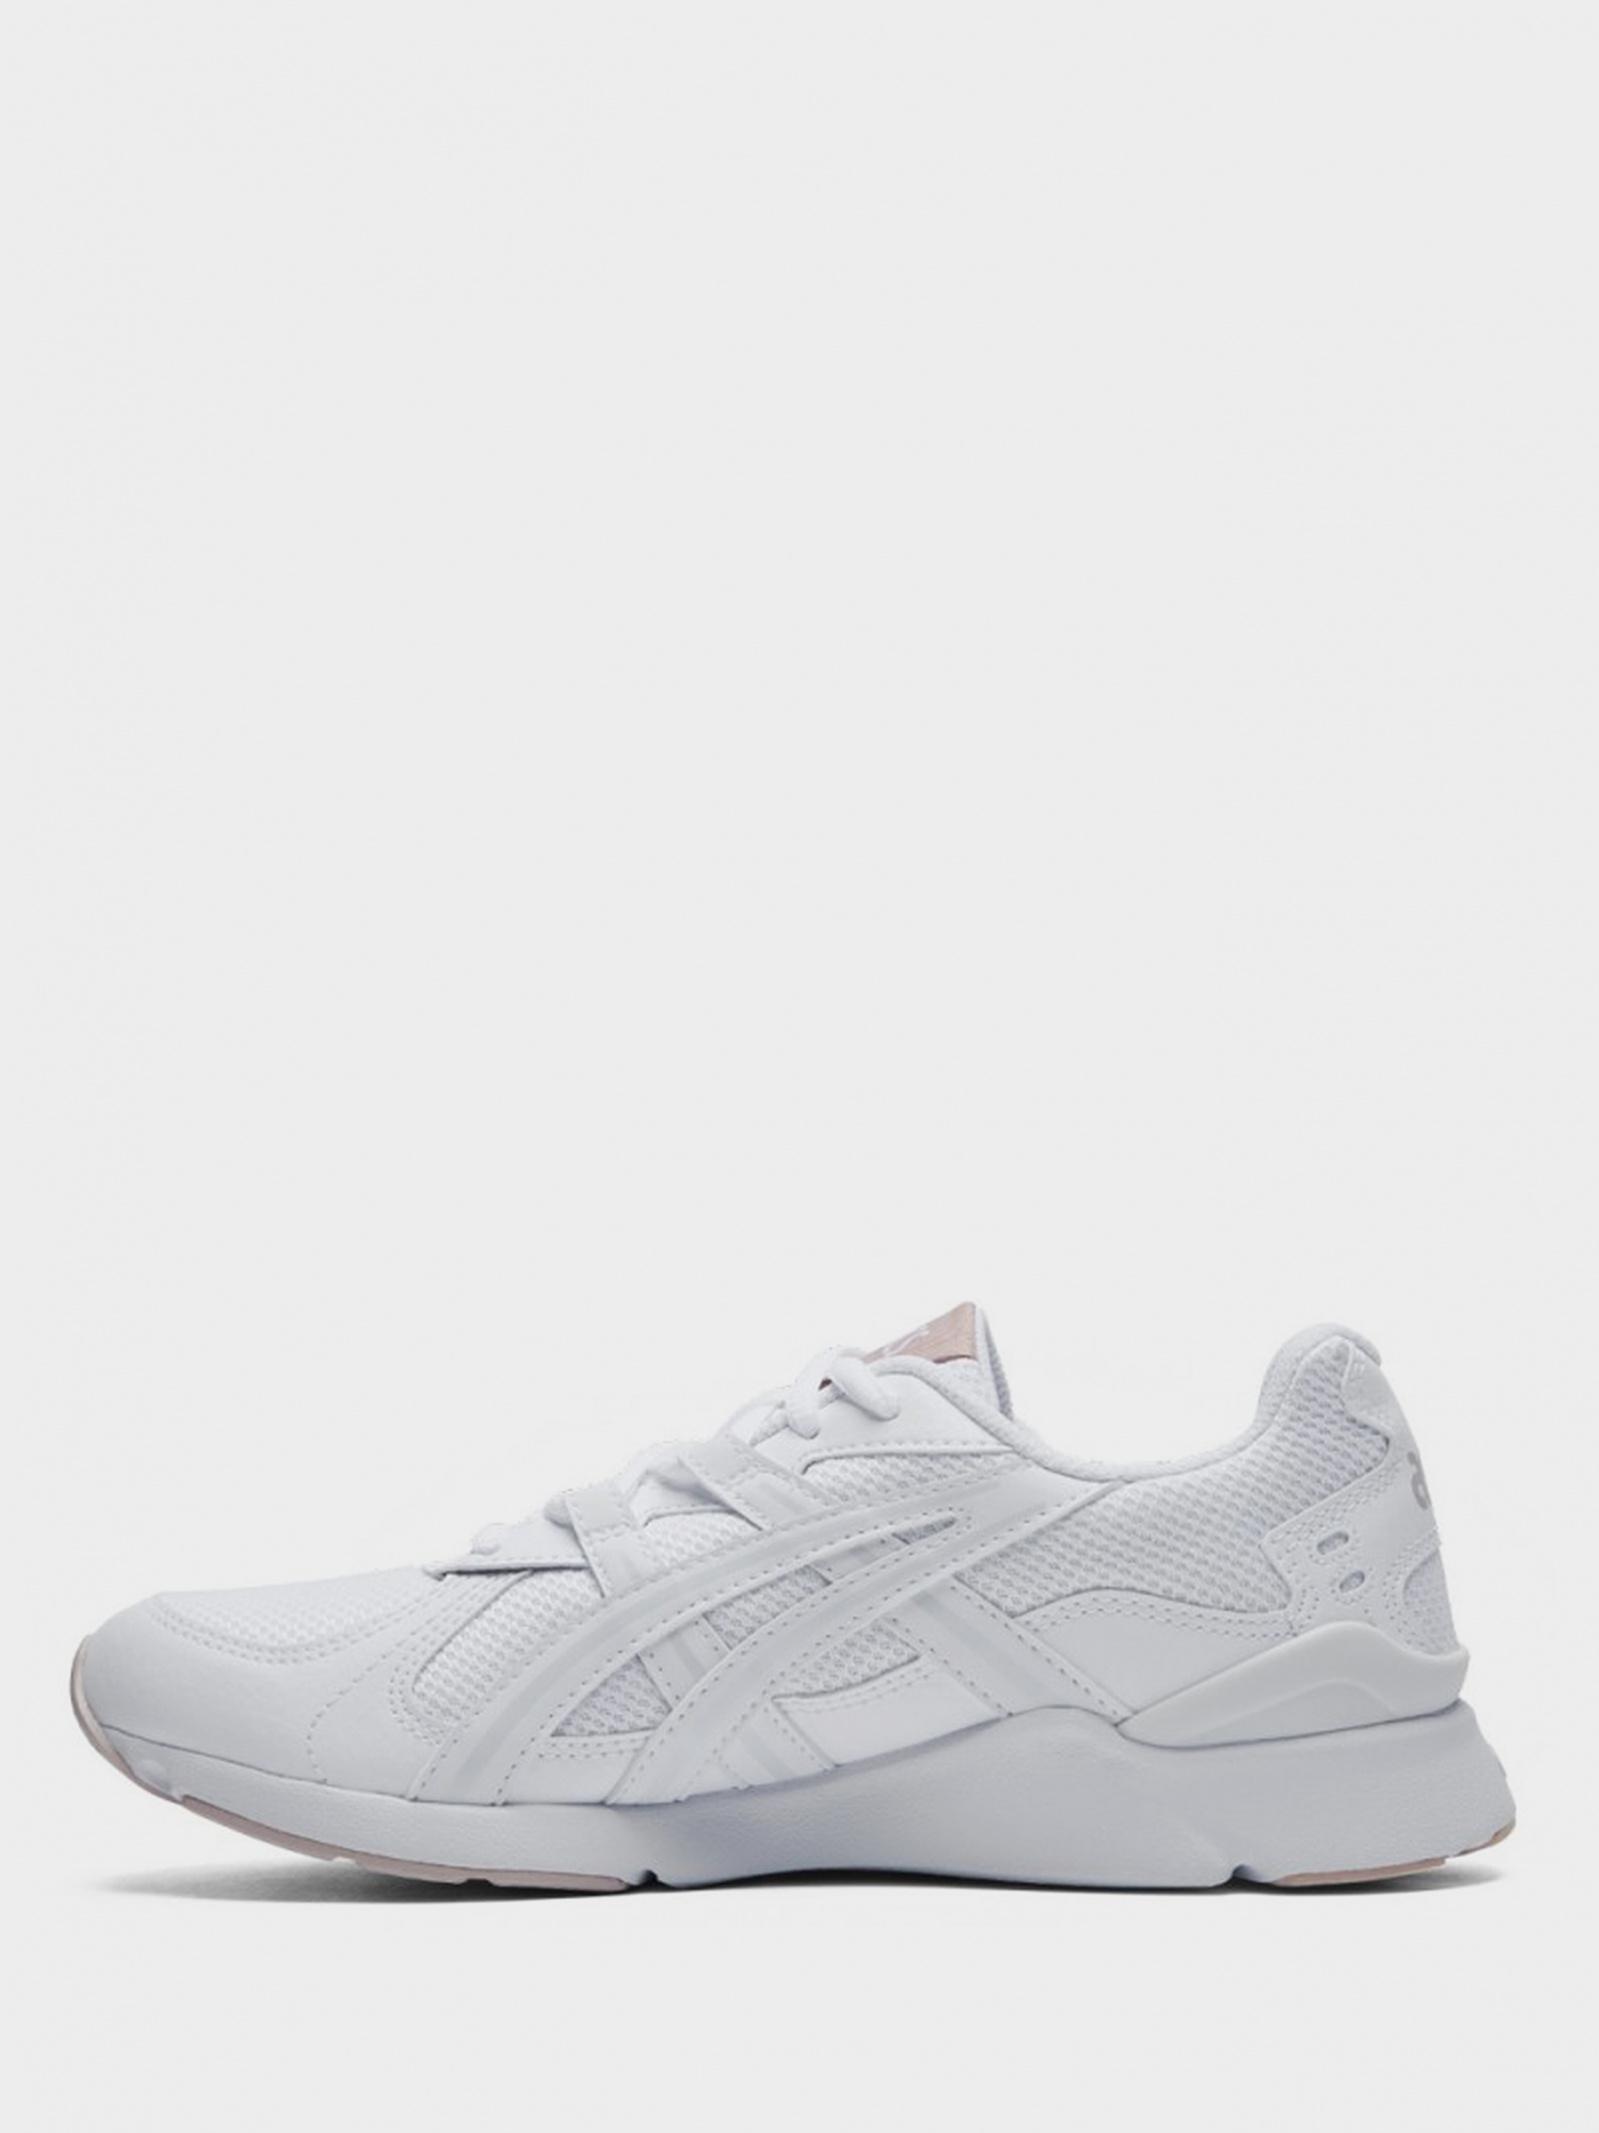 Кросівки  для жінок Asics GEL-LYTE RUNNER 2 1192A186-100 дивитися, 2017